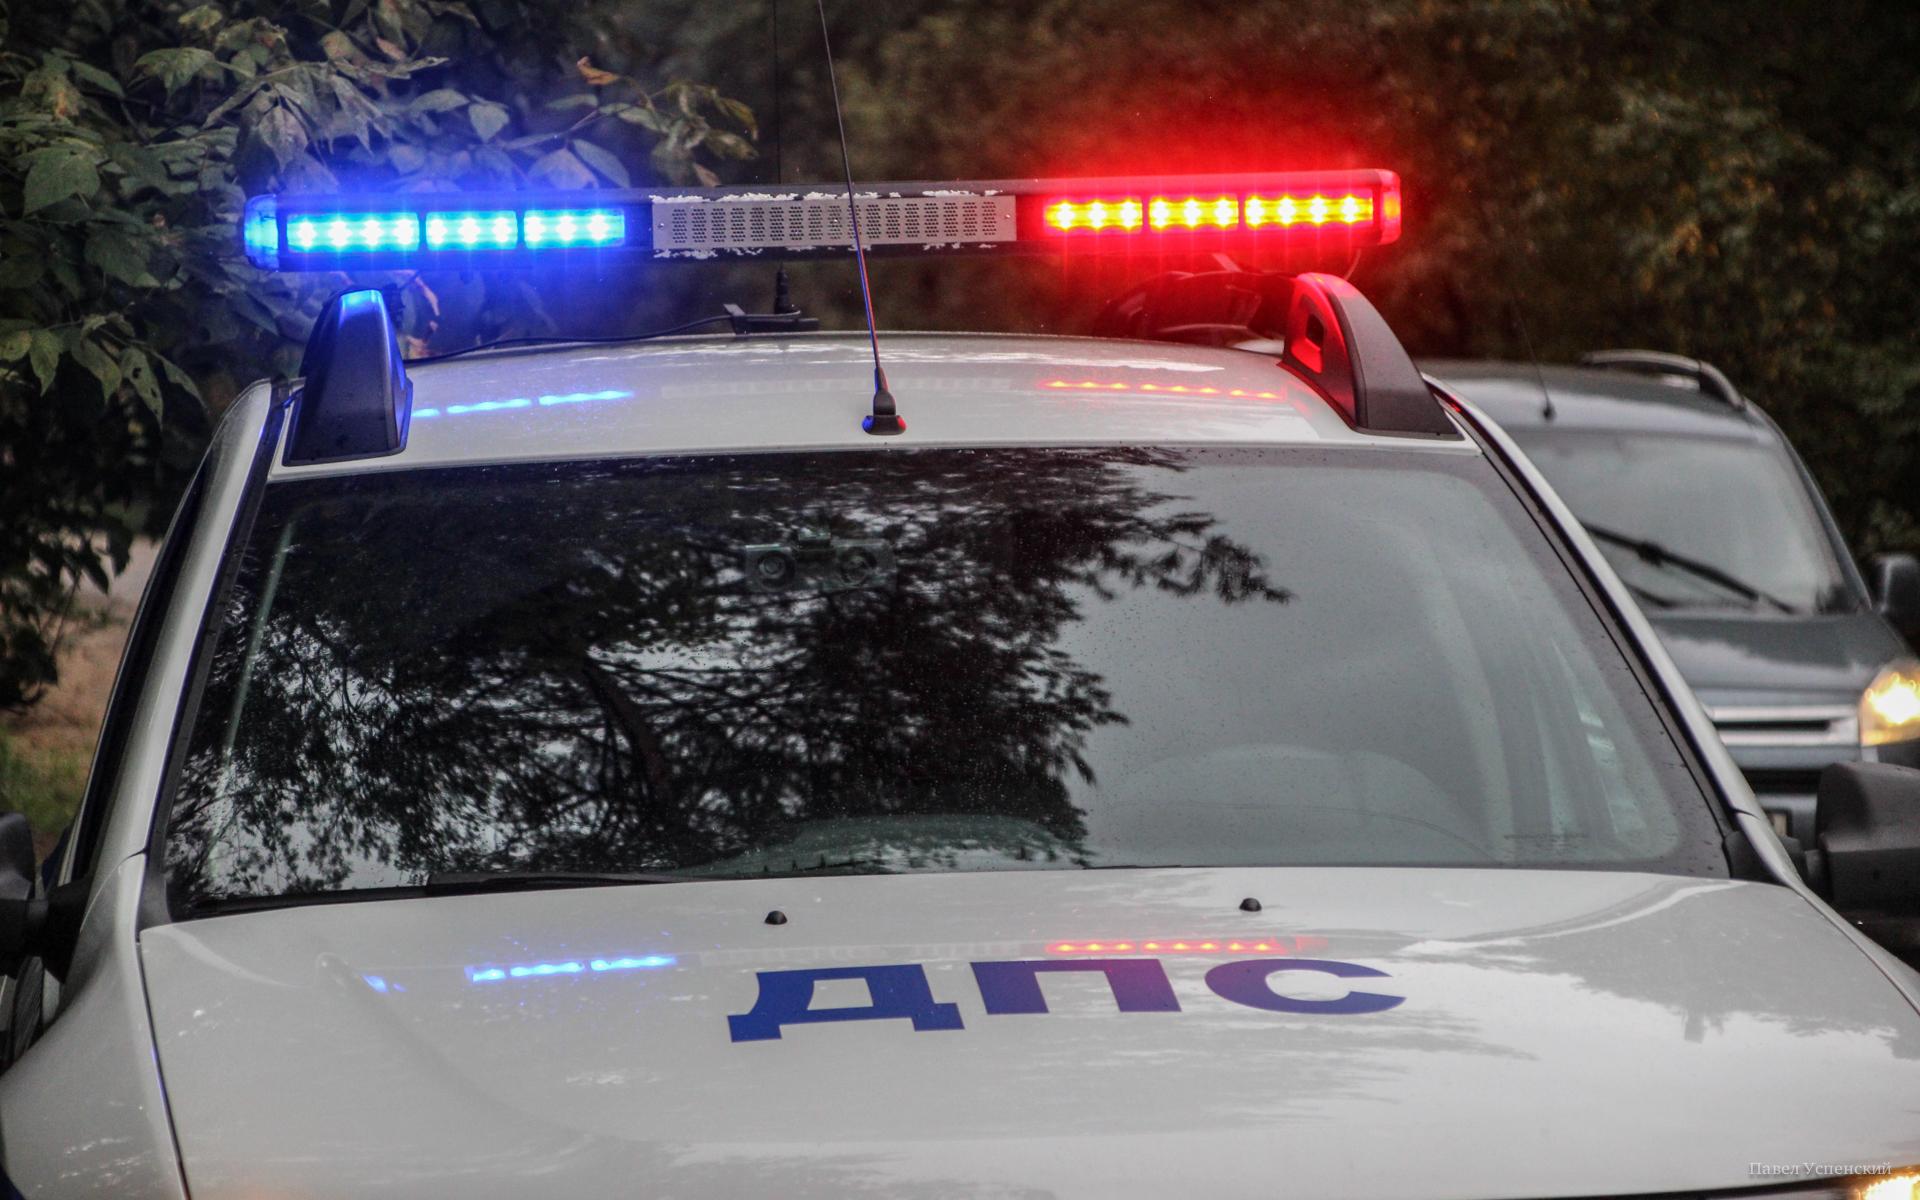 В Тверской области водитель сбил переходившего дорогу пенсионера - новости Афанасий